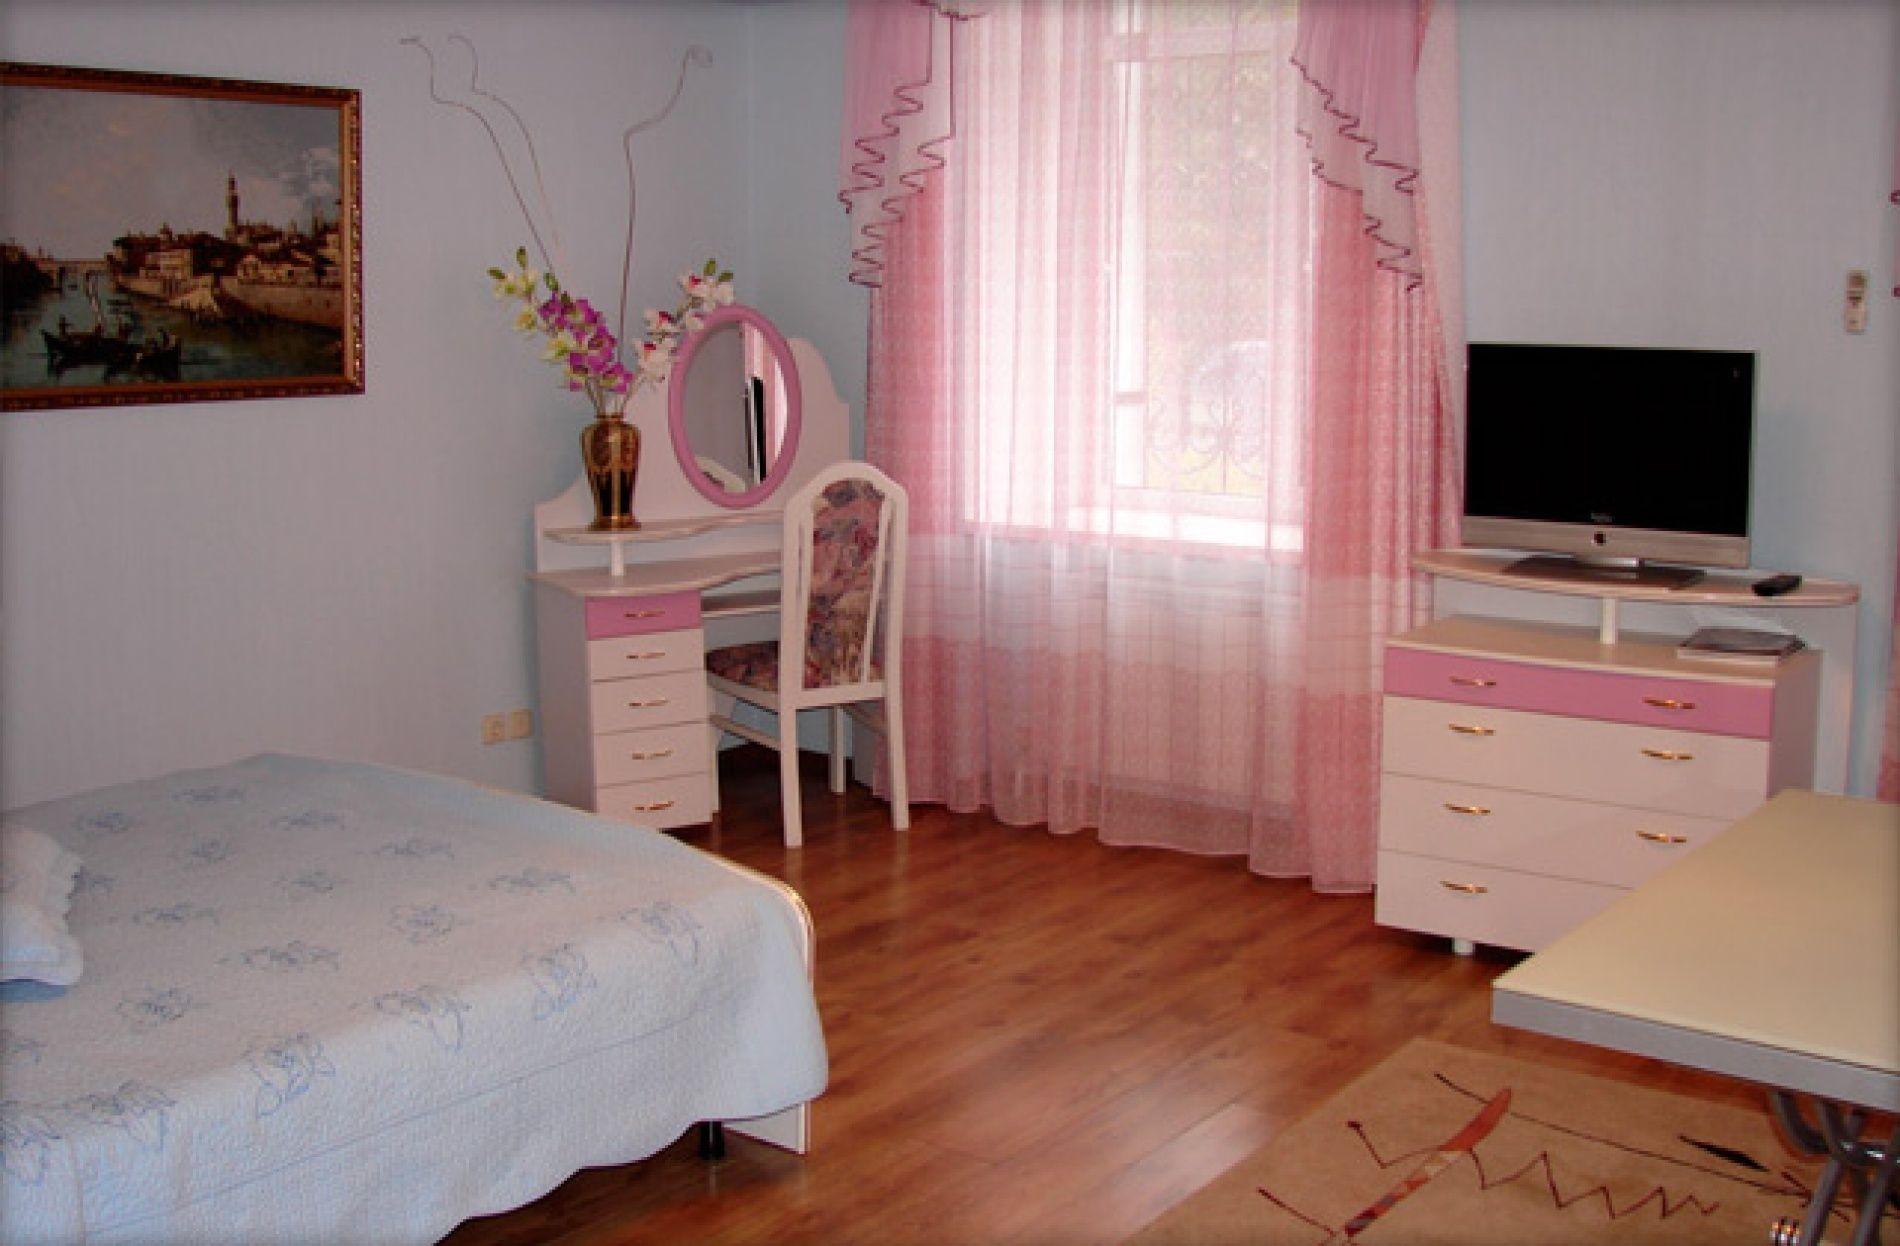 """Гостиница """"Family hotel"""" Курганская область, фото 11"""